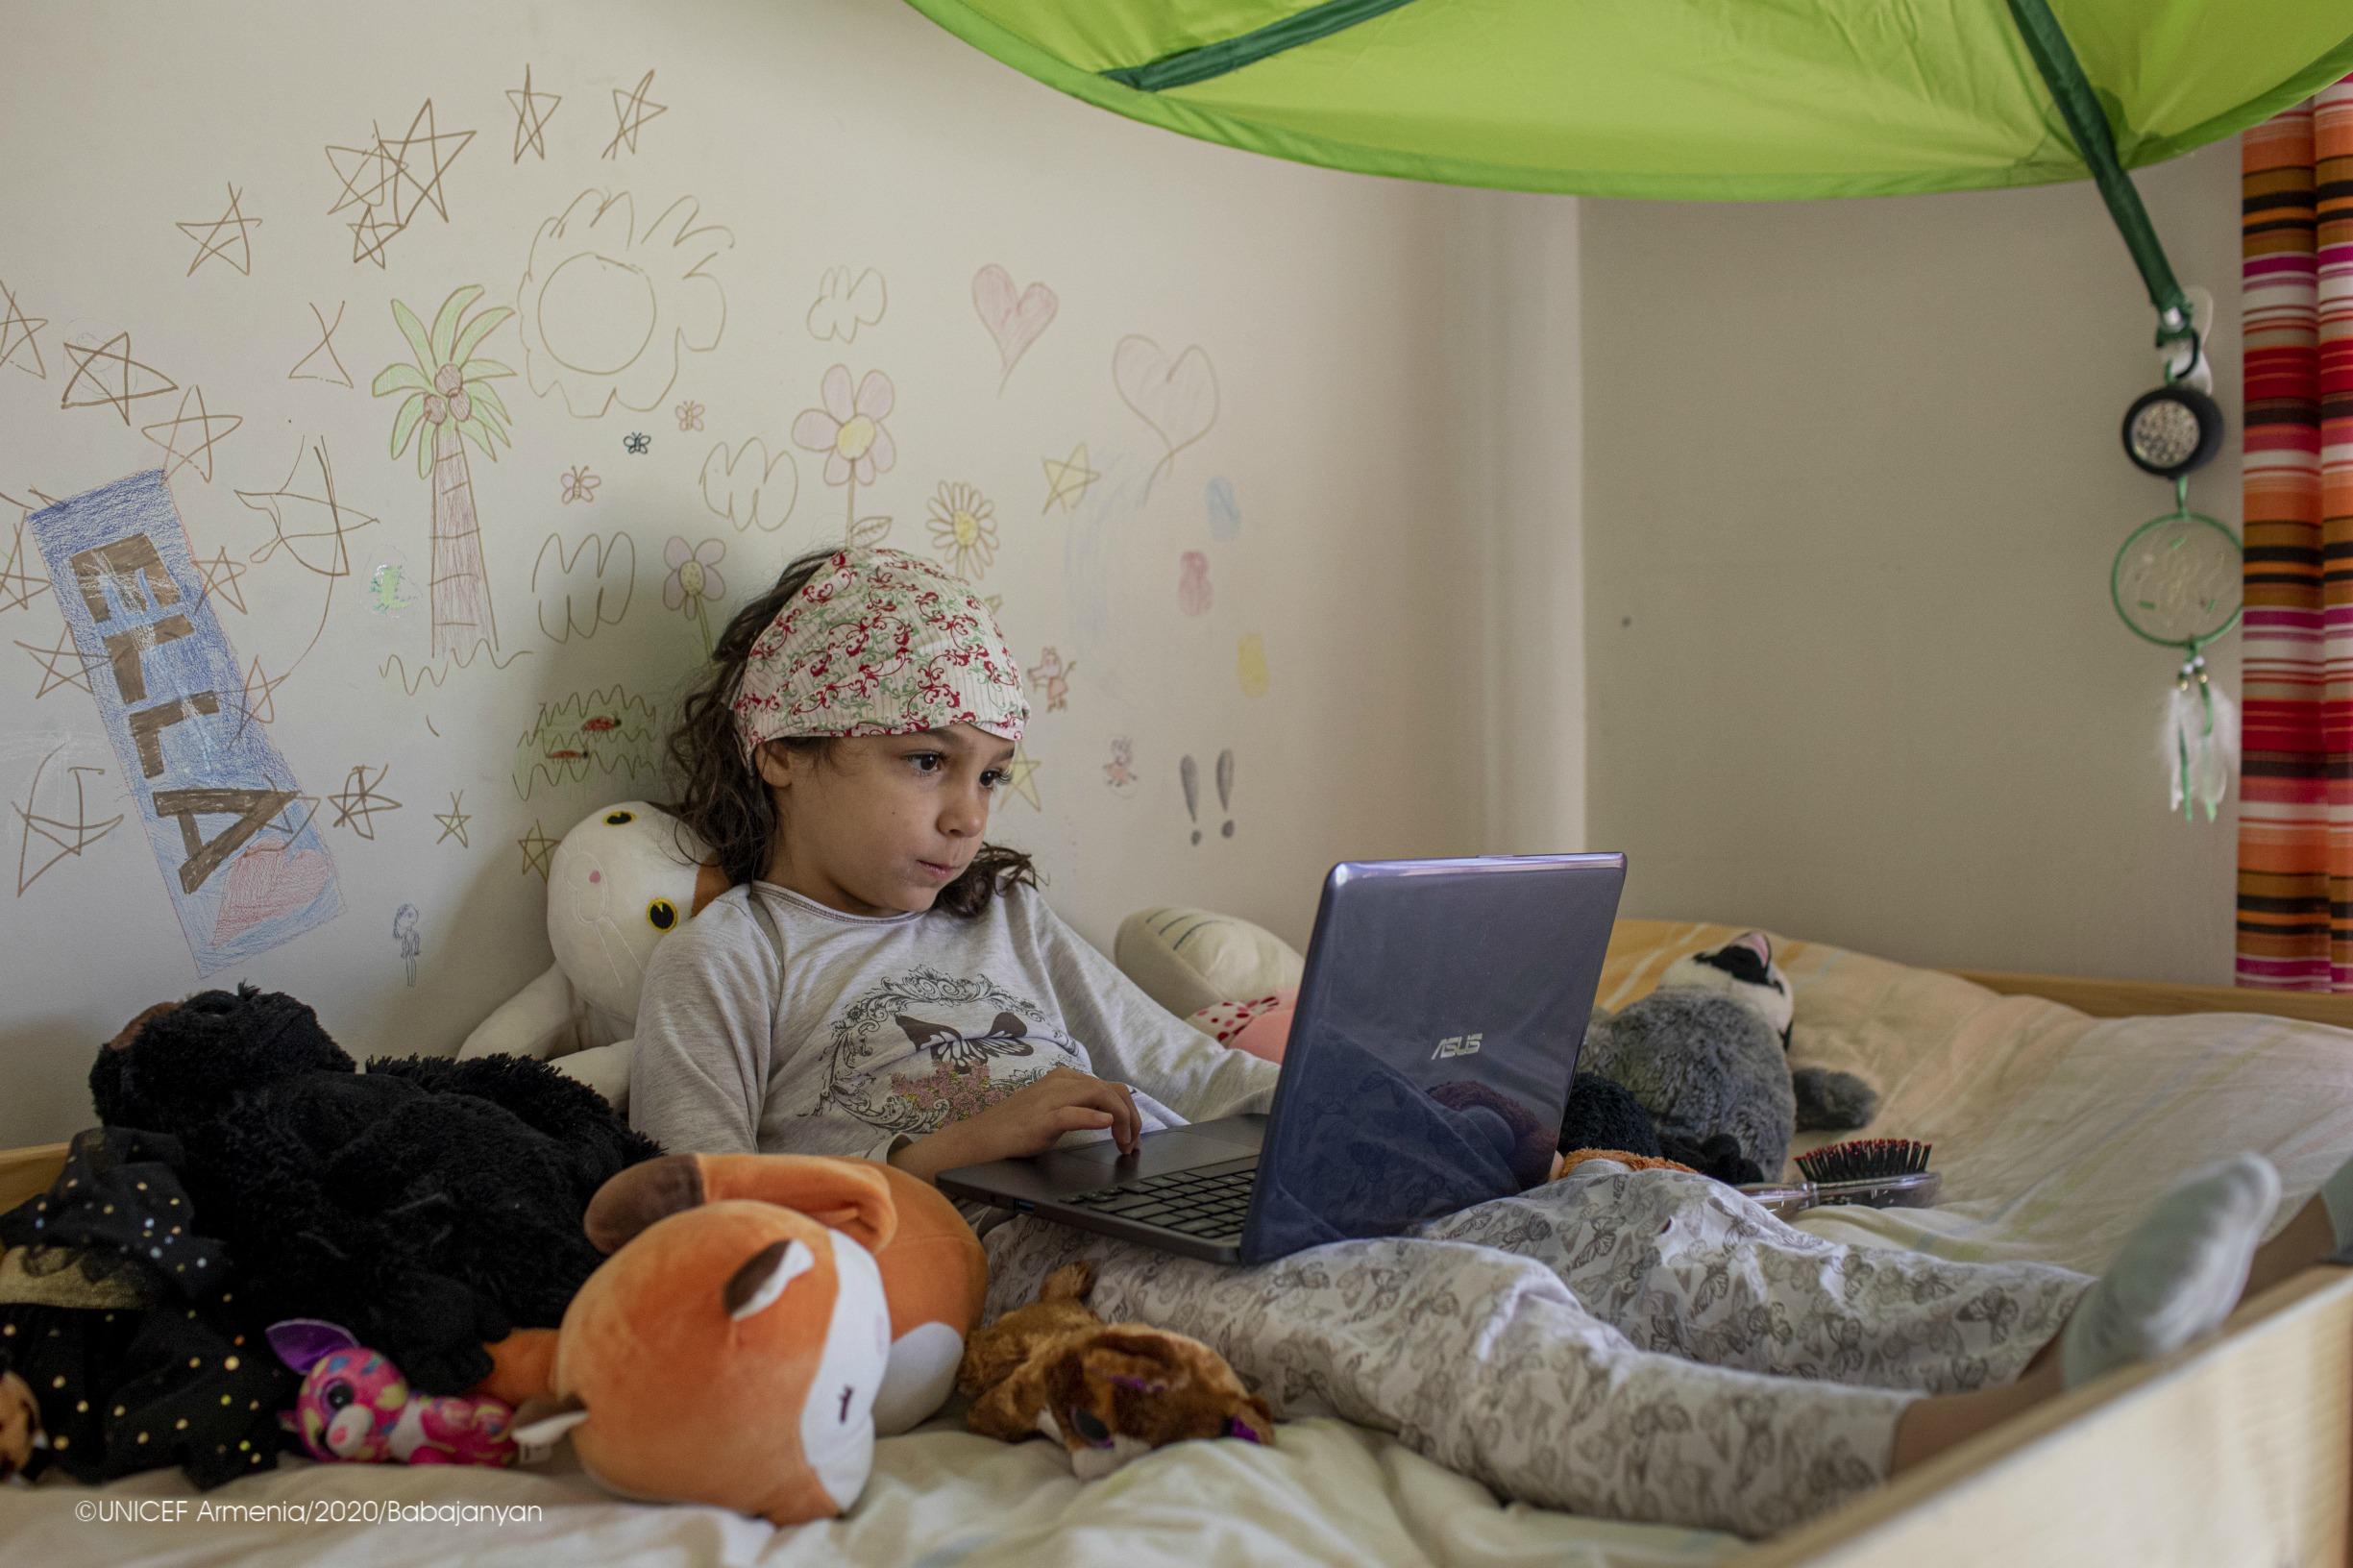 Photo of Էկրանի առաջ անցկացրած ժամանակի ավելացման ֆոնին աճում է երեխաների և երիտասարդների բարեկեցության շուրջ մտահոգությունը